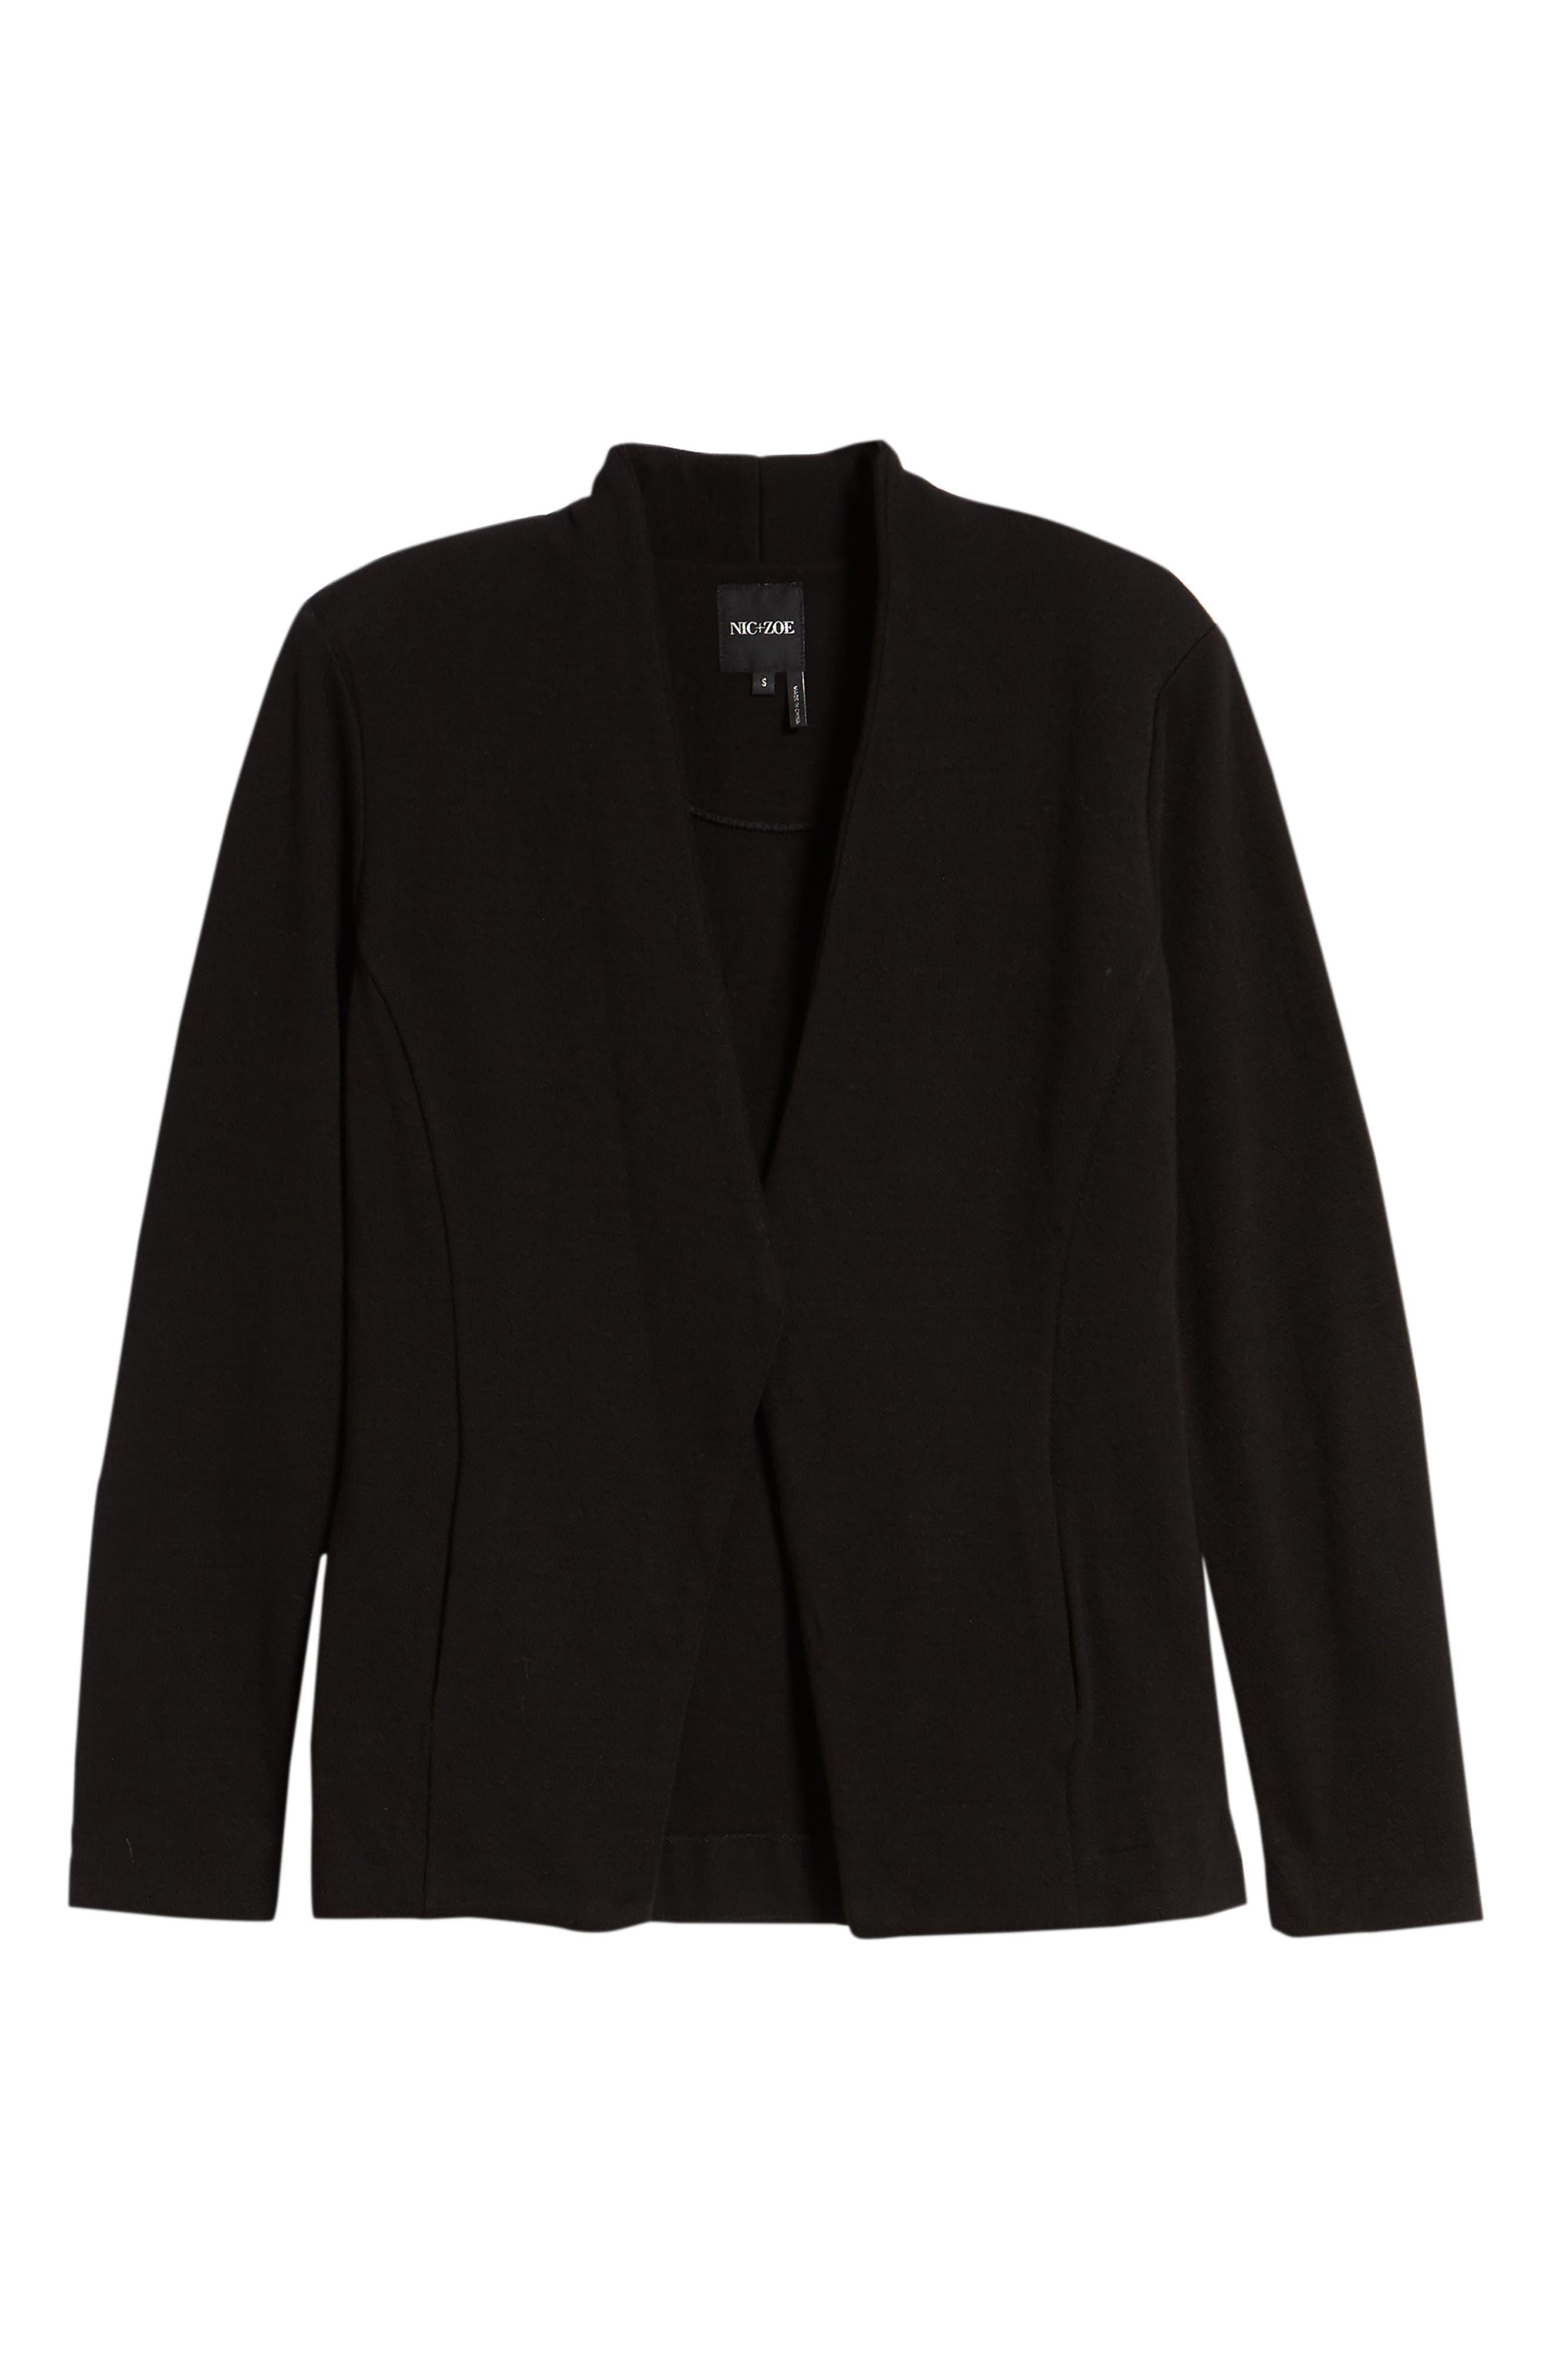 Sleek Jacket,                             Alternate thumbnail 5, color,                             BLACK ONYX